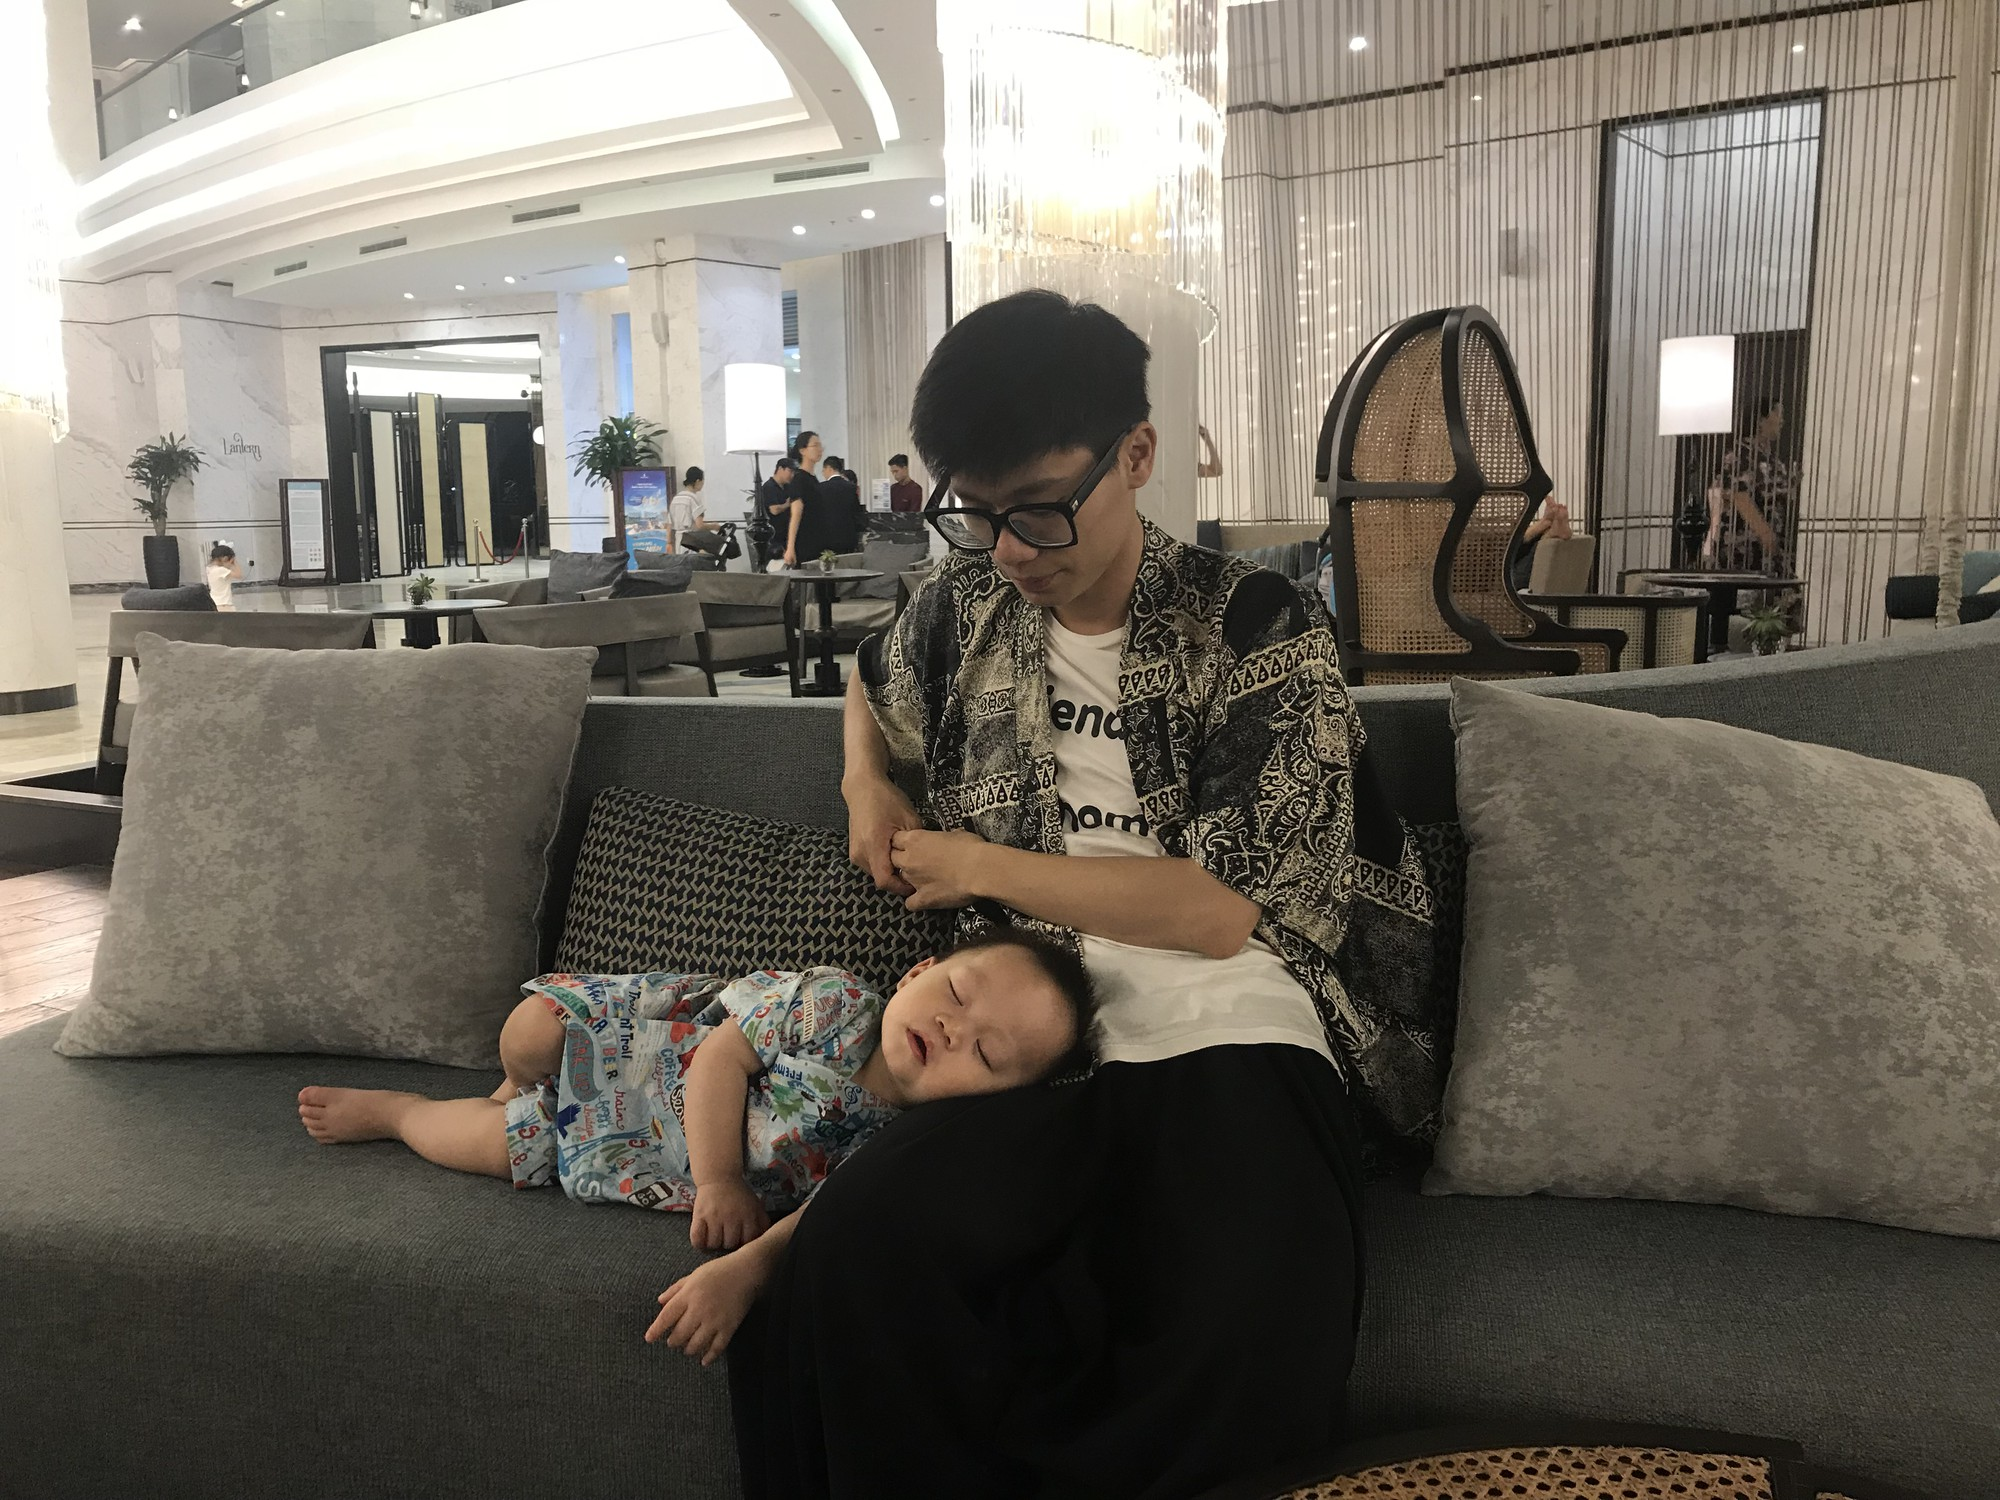 Luyện ngủ cho con từ khi mới lọt lòng, ông bố MC cùng con vi vu đi du lịch và cho bé ngủ bất kỳ đâu cũng được - Ảnh 3.